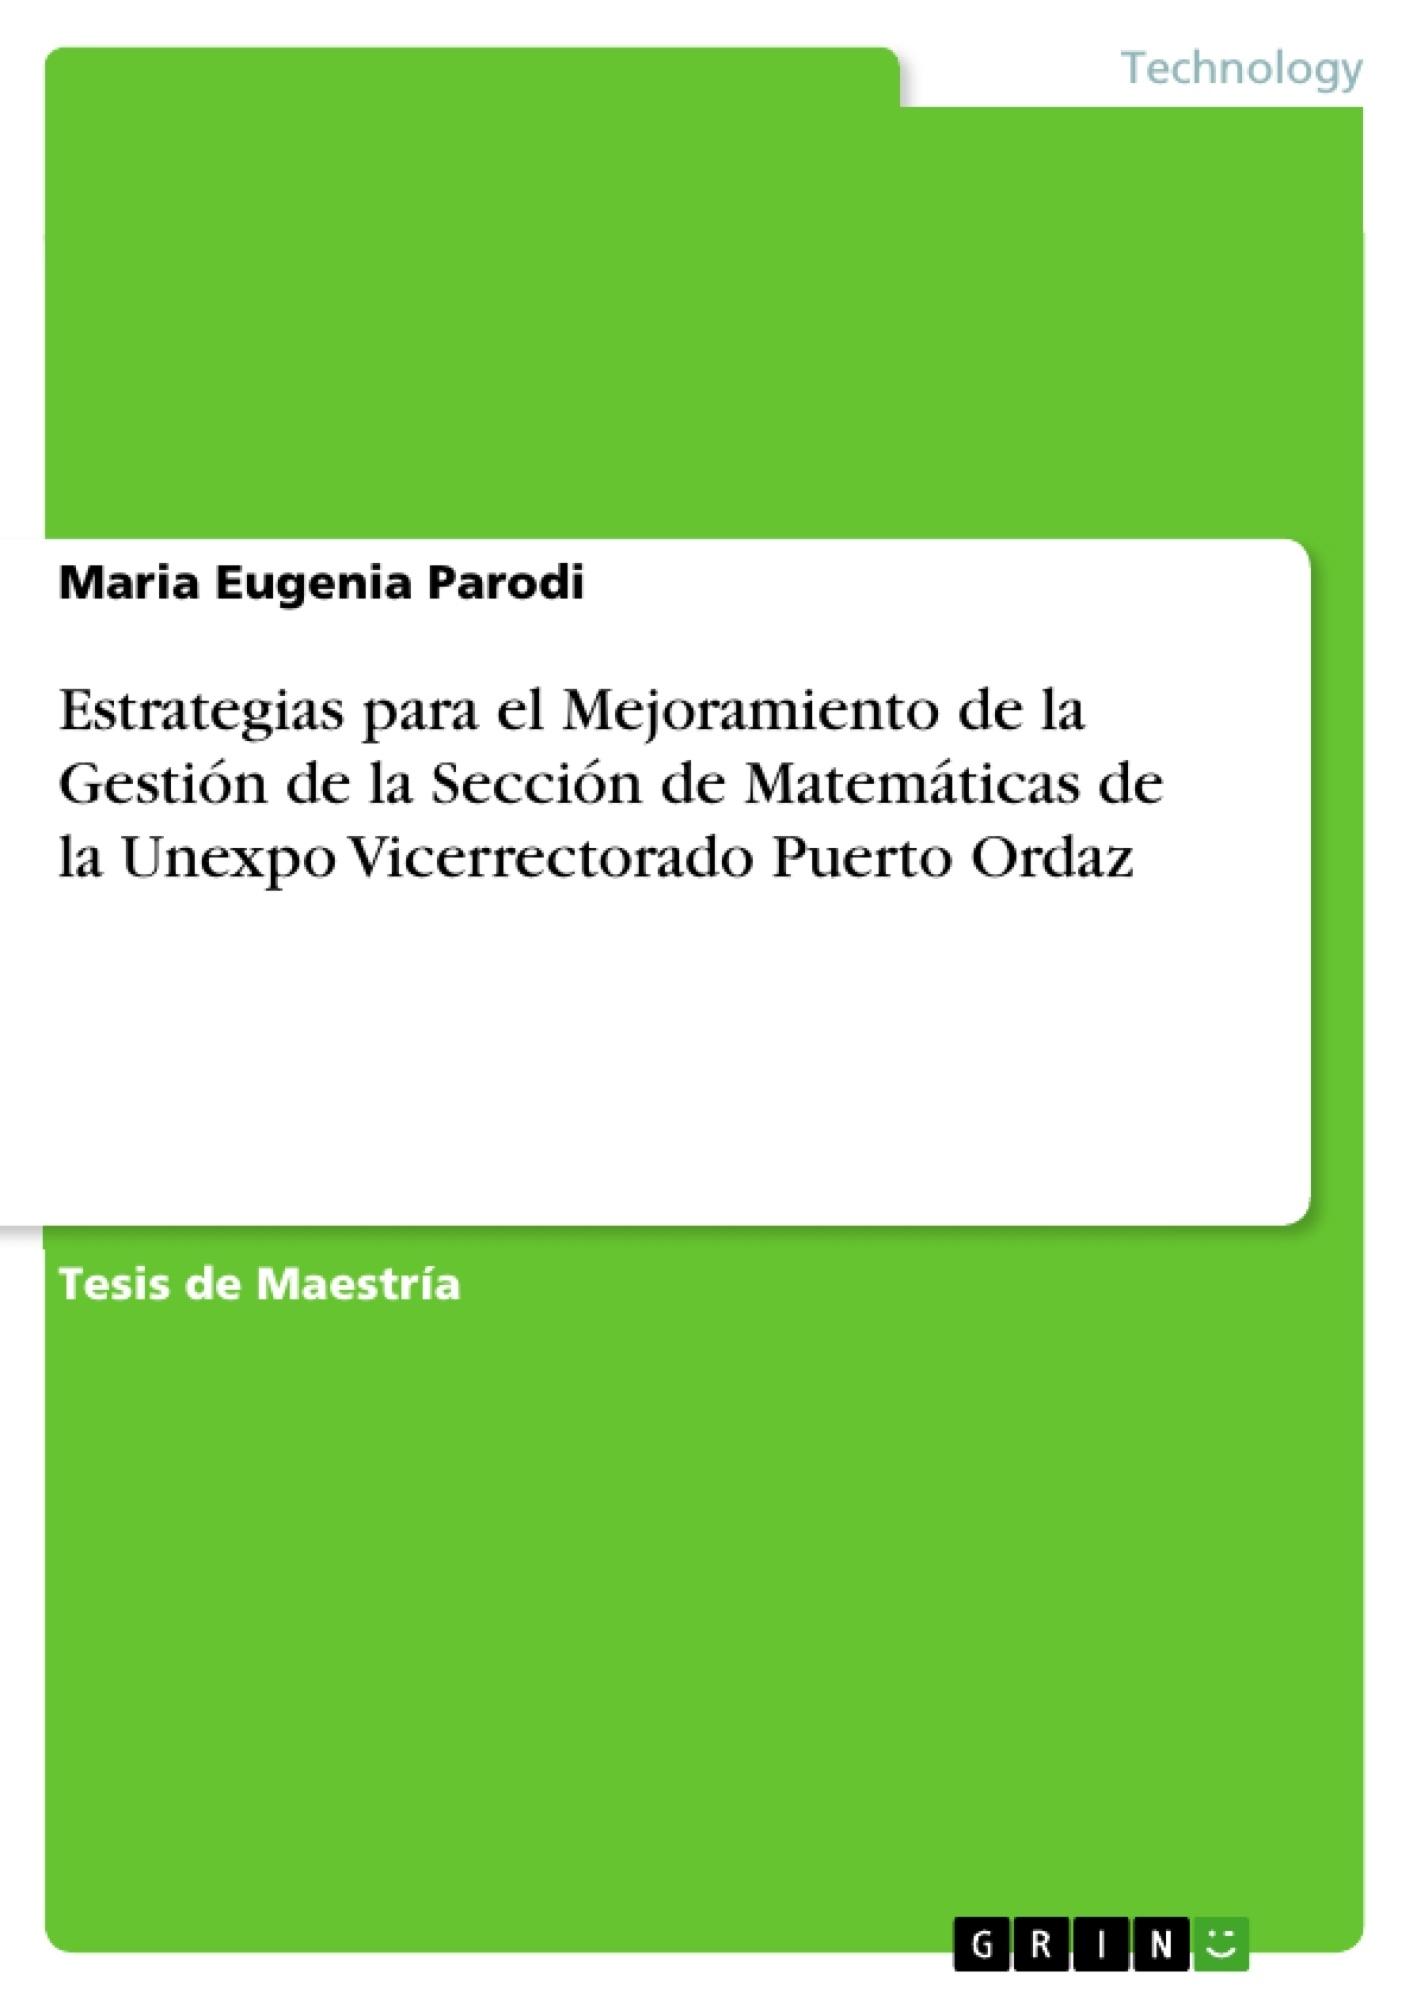 Título: Estrategias para el Mejoramiento de la Gestión de la Sección de Matemáticas de la Unexpo Vicerrectorado Puerto Ordaz